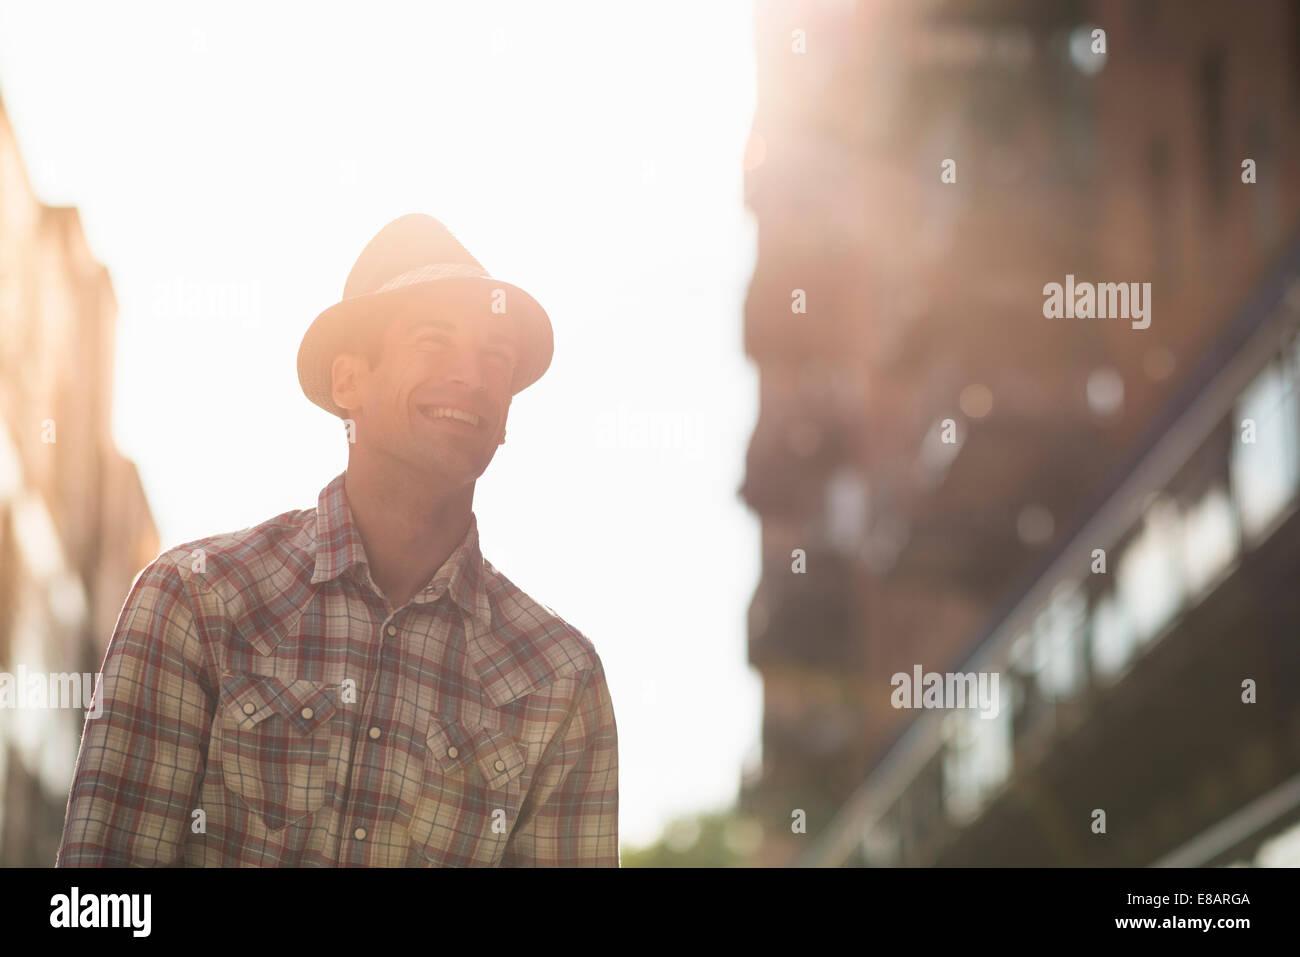 Jeune homme portant un chapeau et chemise à carreaux Photo Stock